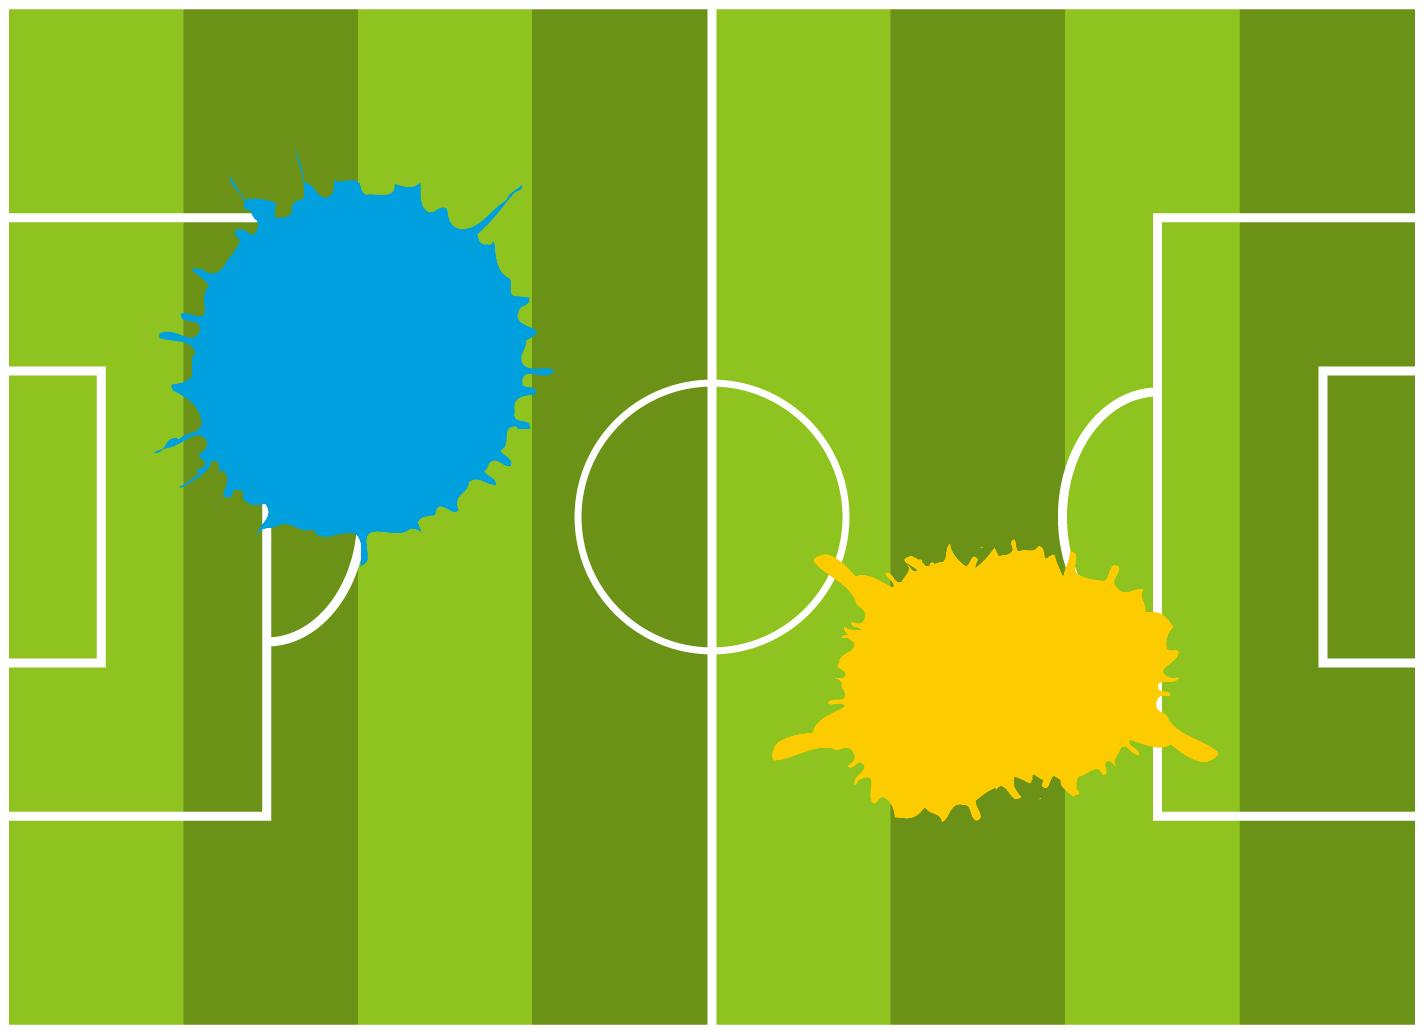 スプラトゥーン2の新しいゲームモード「インクサッカー」を考えてみた